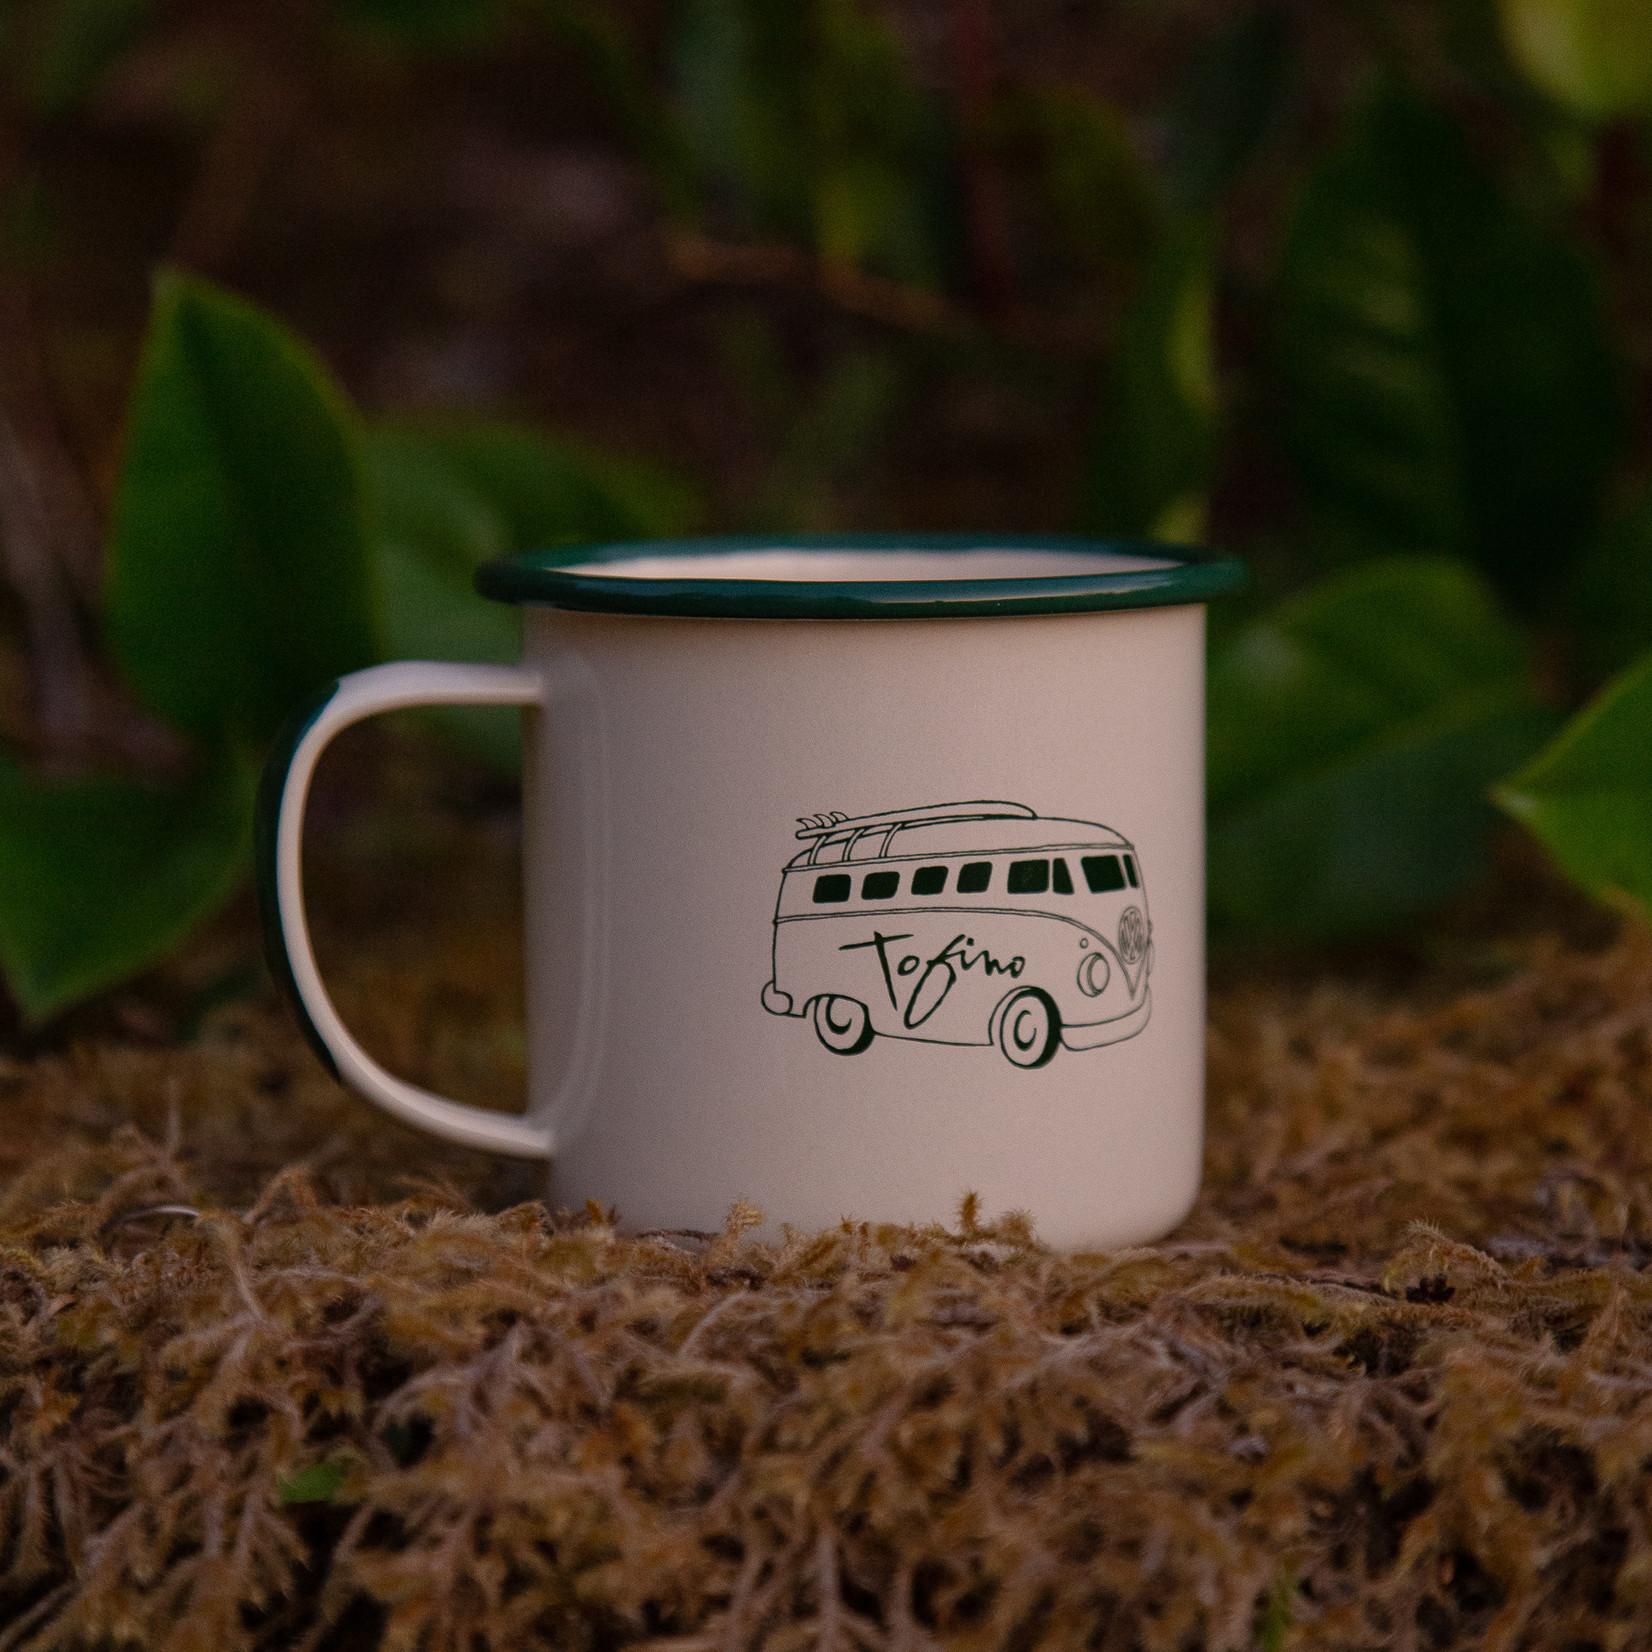 Tourism Tofino Enamel Mug Off White/Green